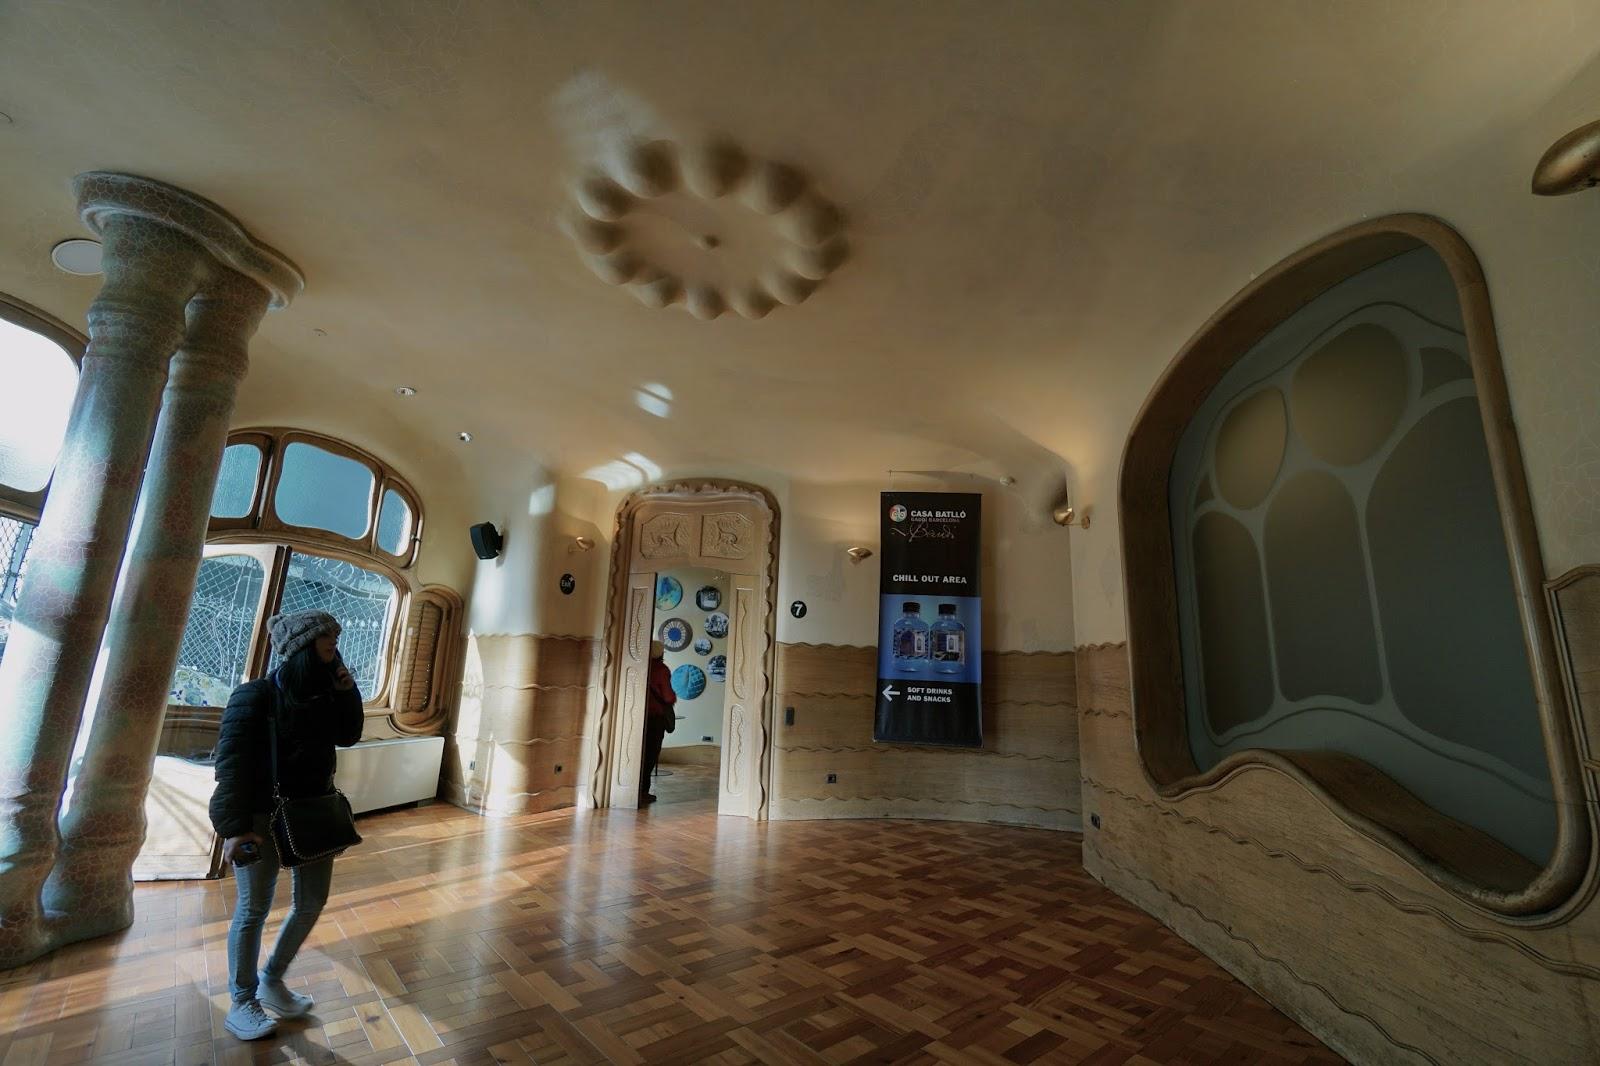 カサ・バトリョ(Casa Batlló) 水の波紋のような装飾